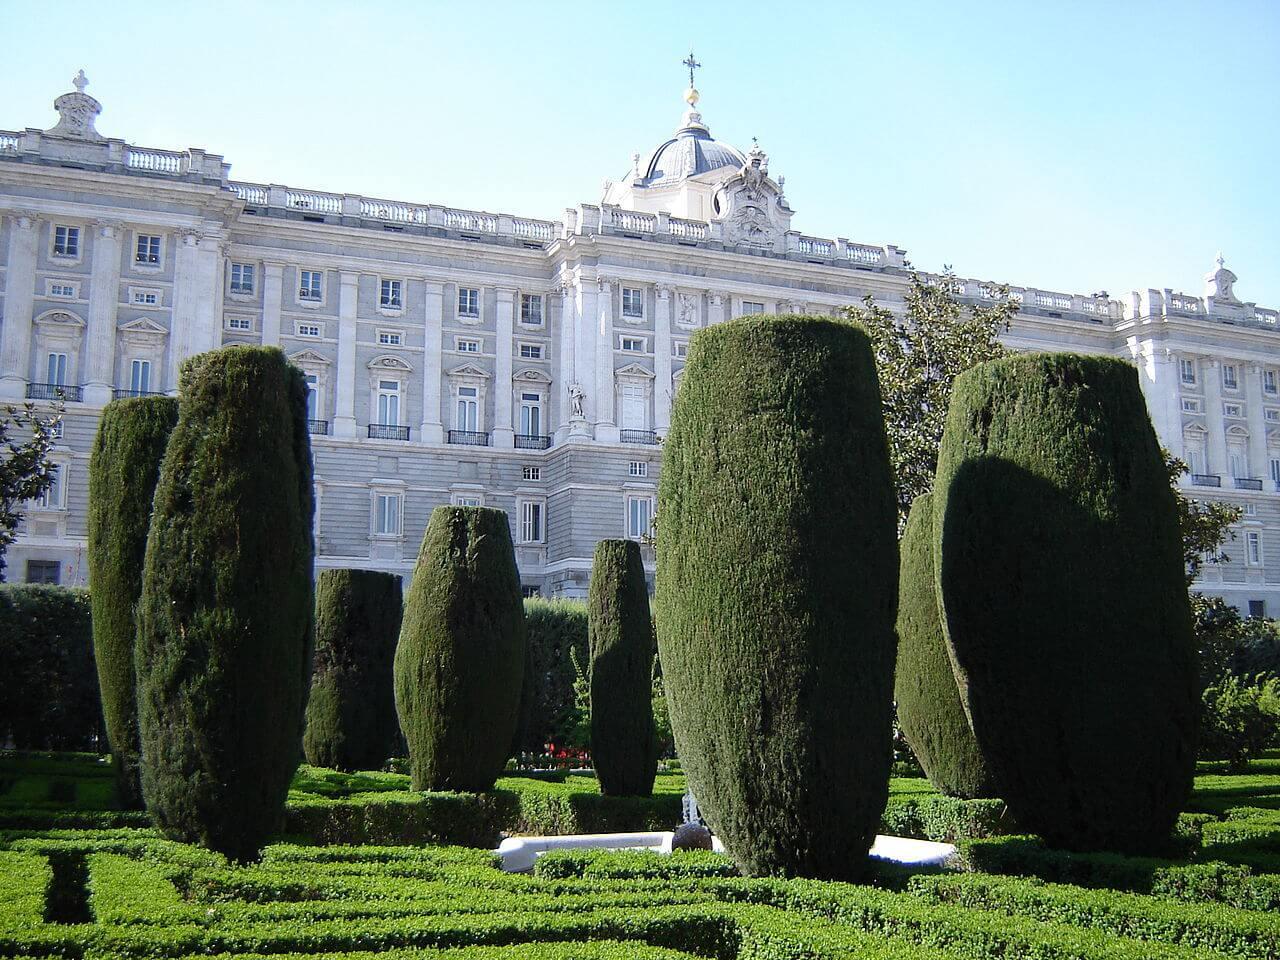 Sabatini gardens, Madrid